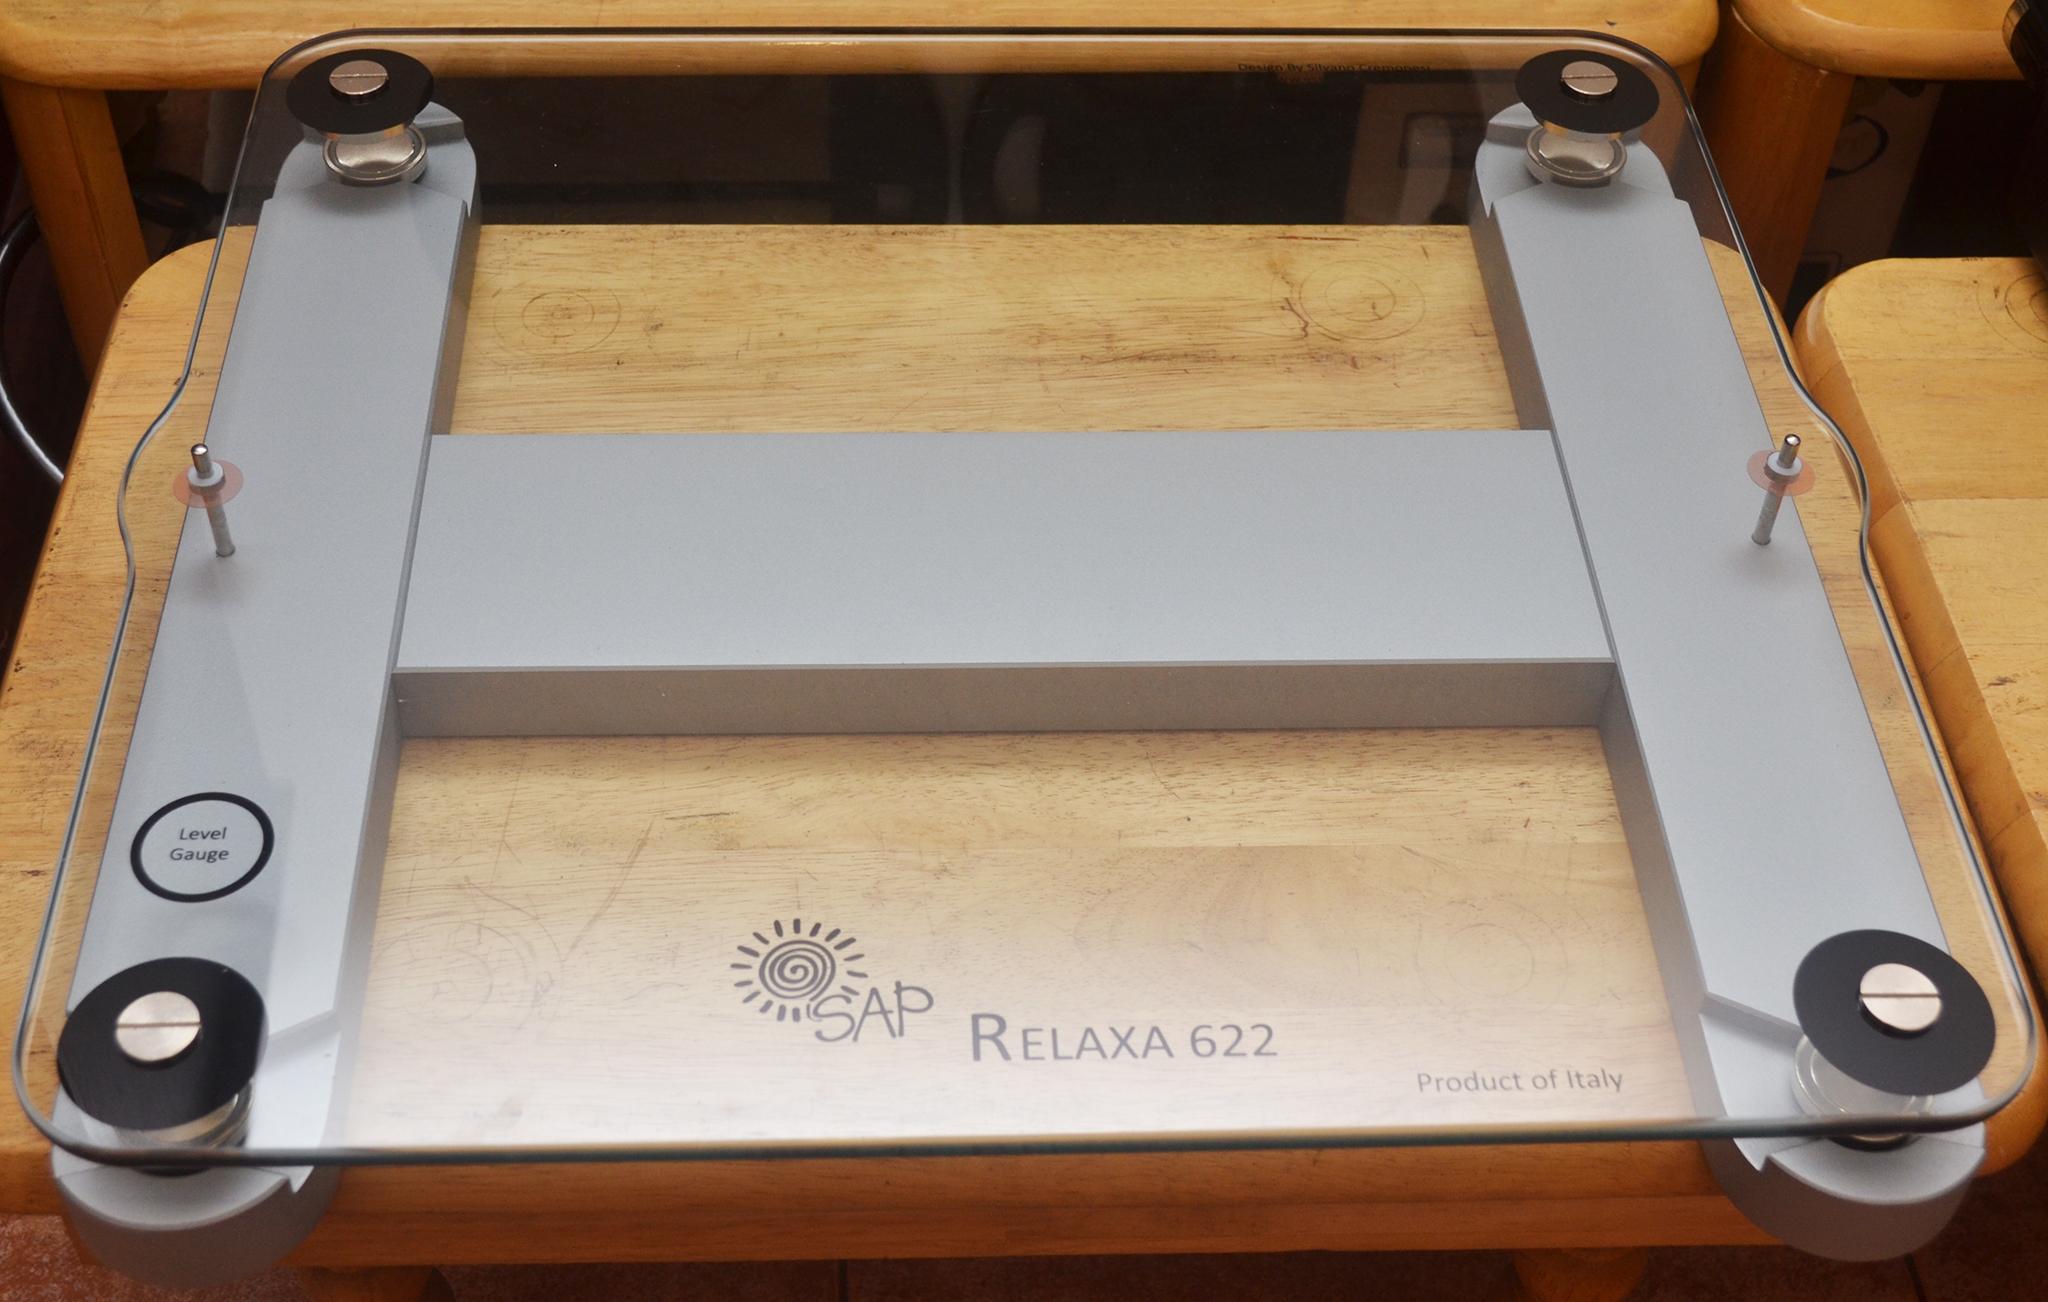 Relaxa 622 1R